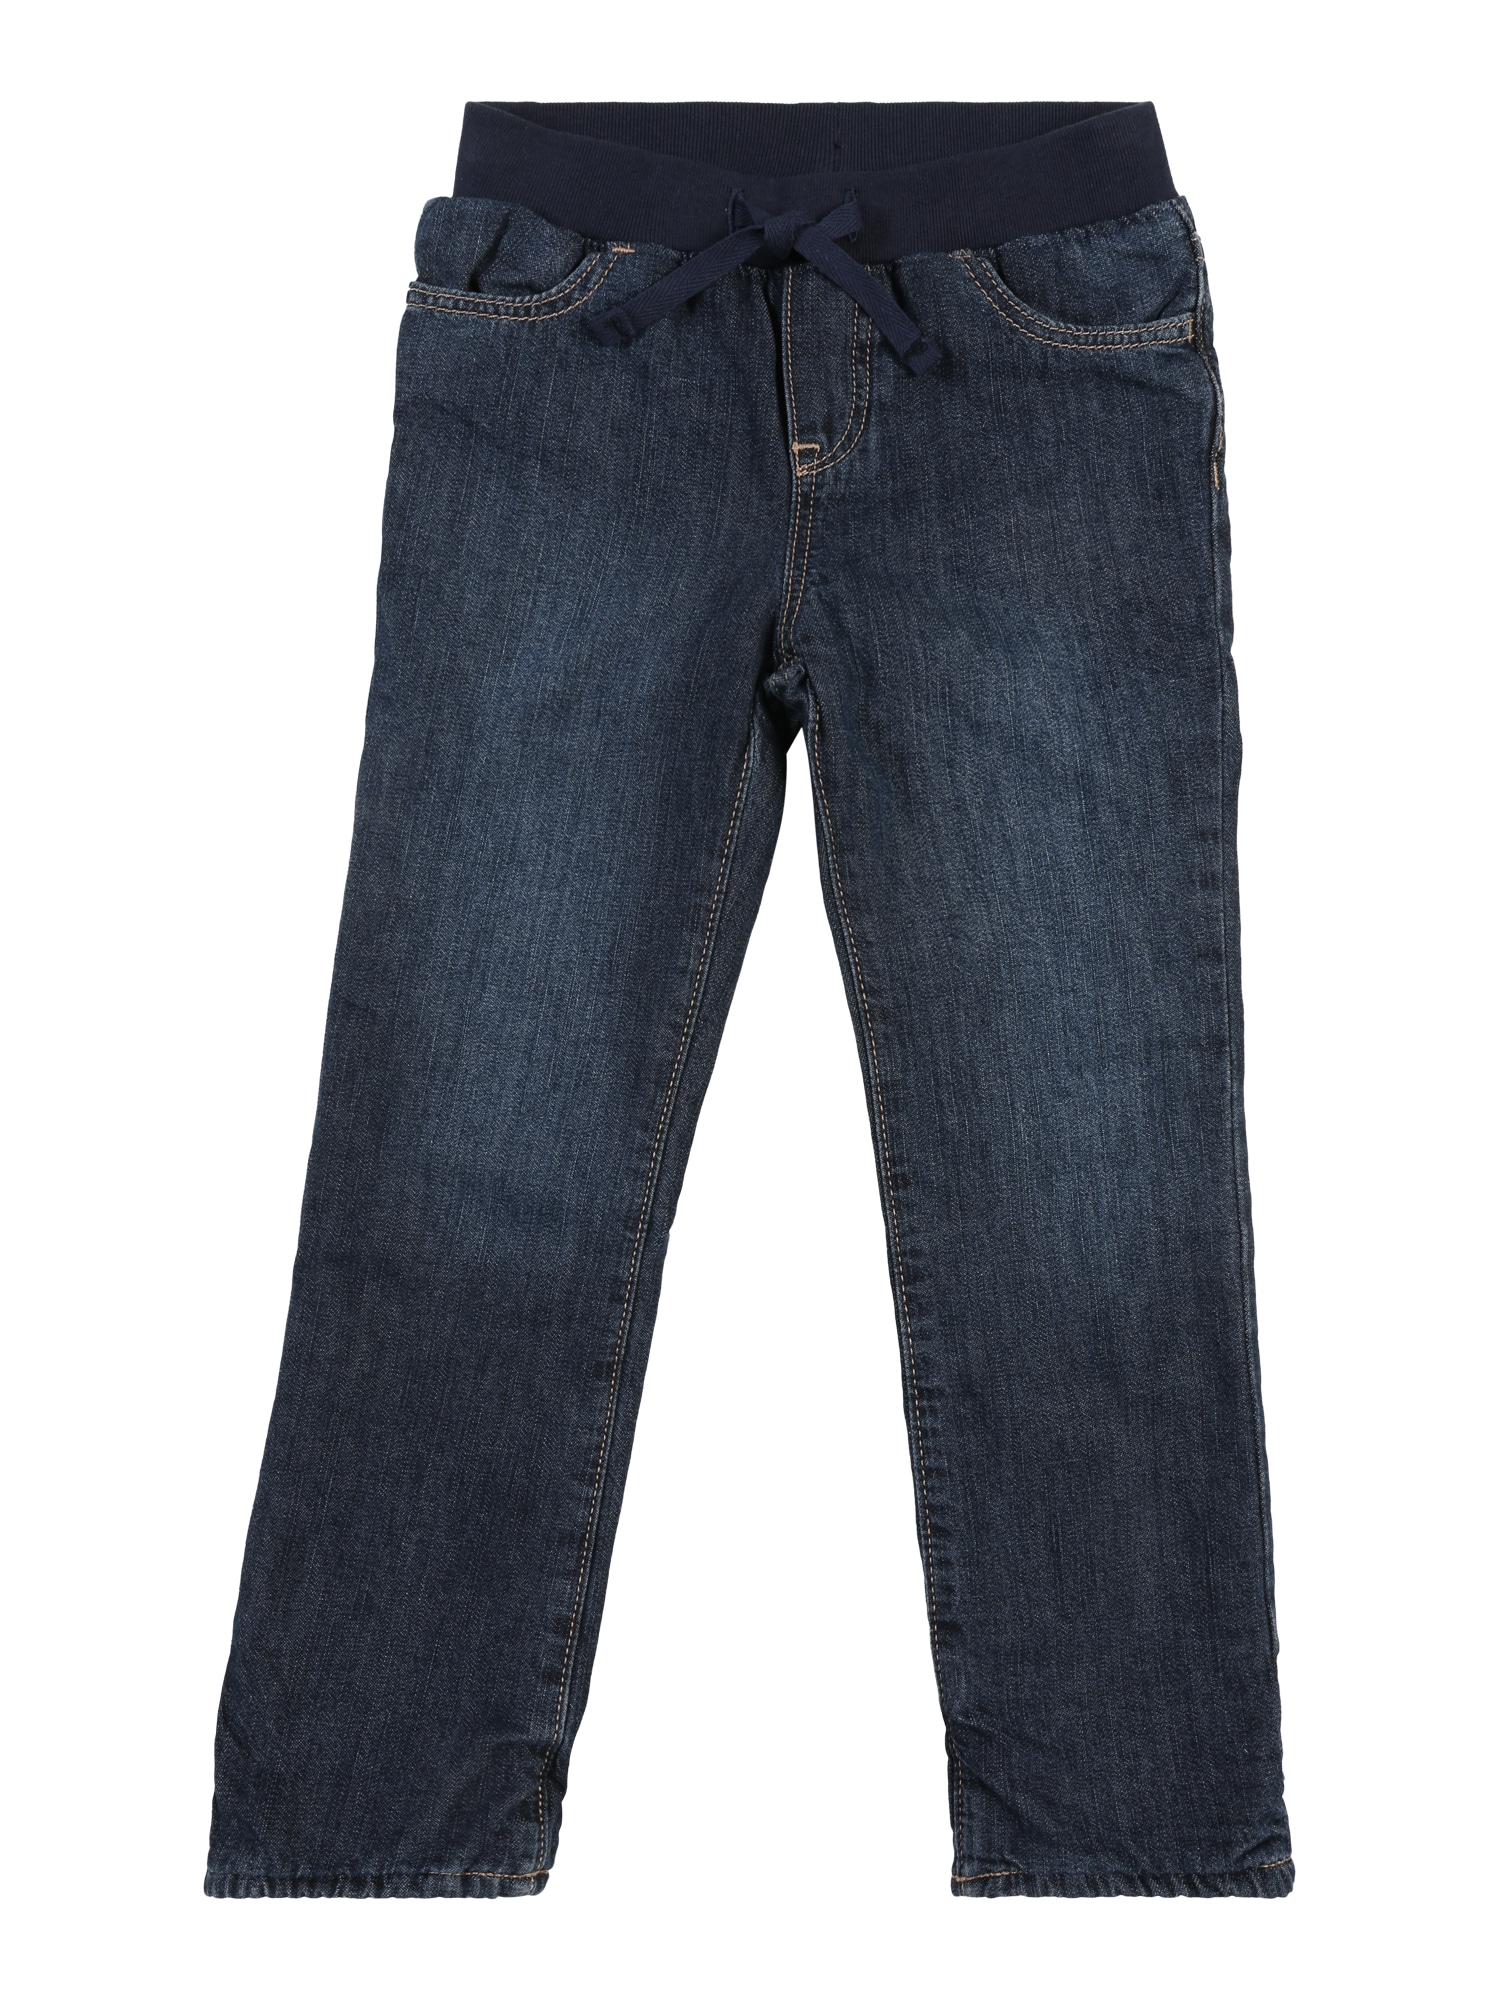 GAP Džinsai 'DK LND STR8' juodo džinso spalva